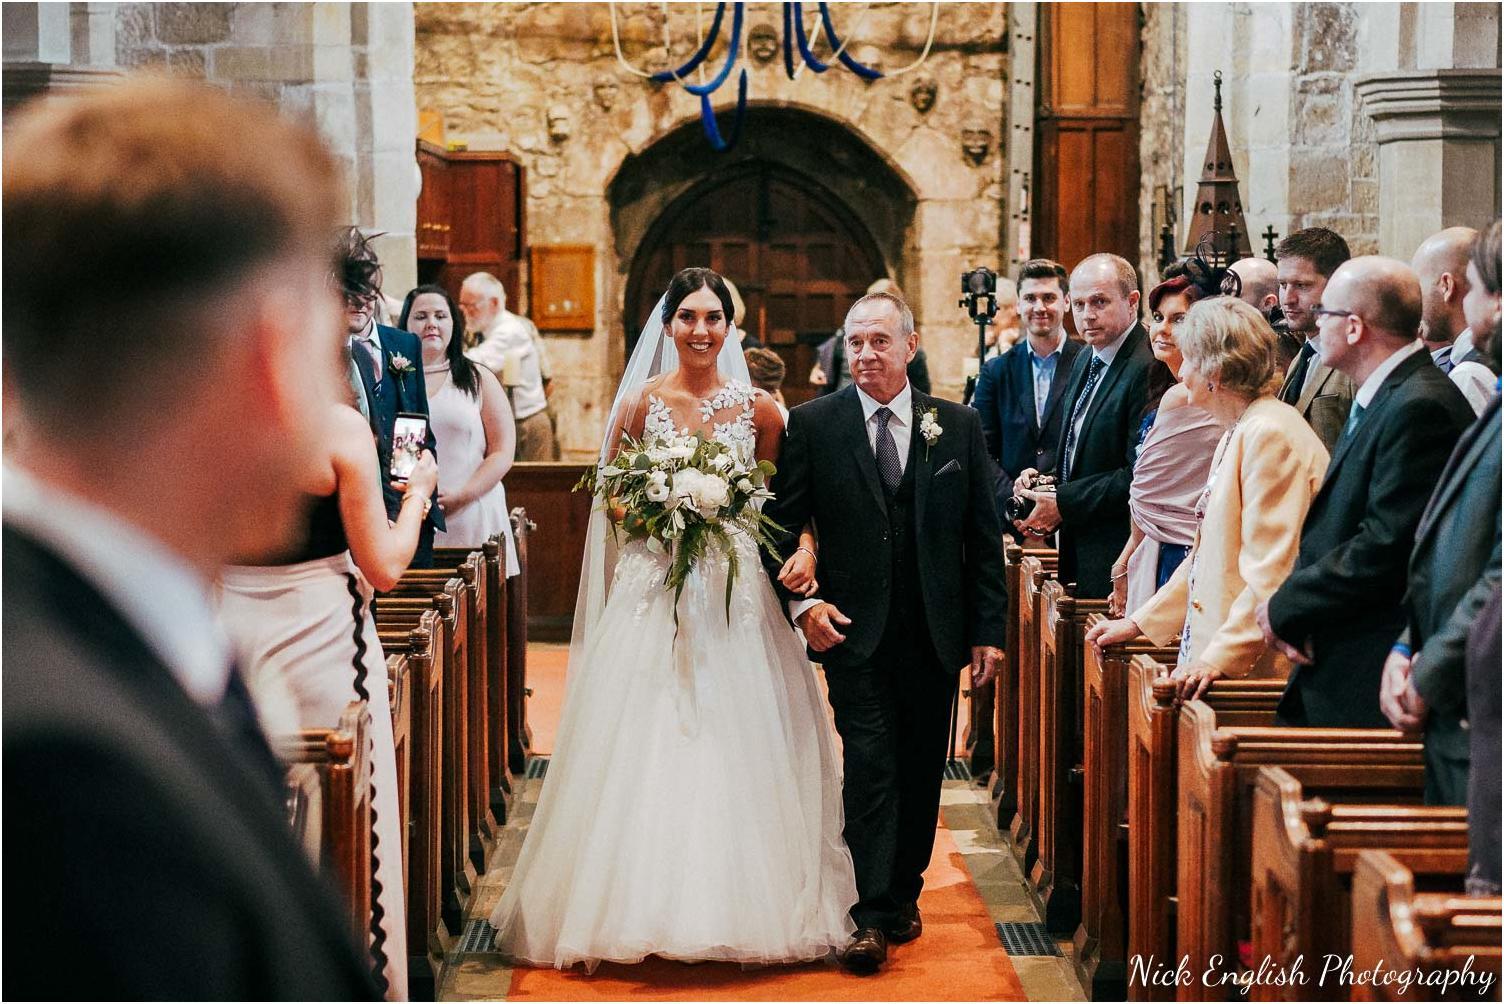 Browsholme_Hall_Barn_Wedding_Nick_English_Photography-41.jpg